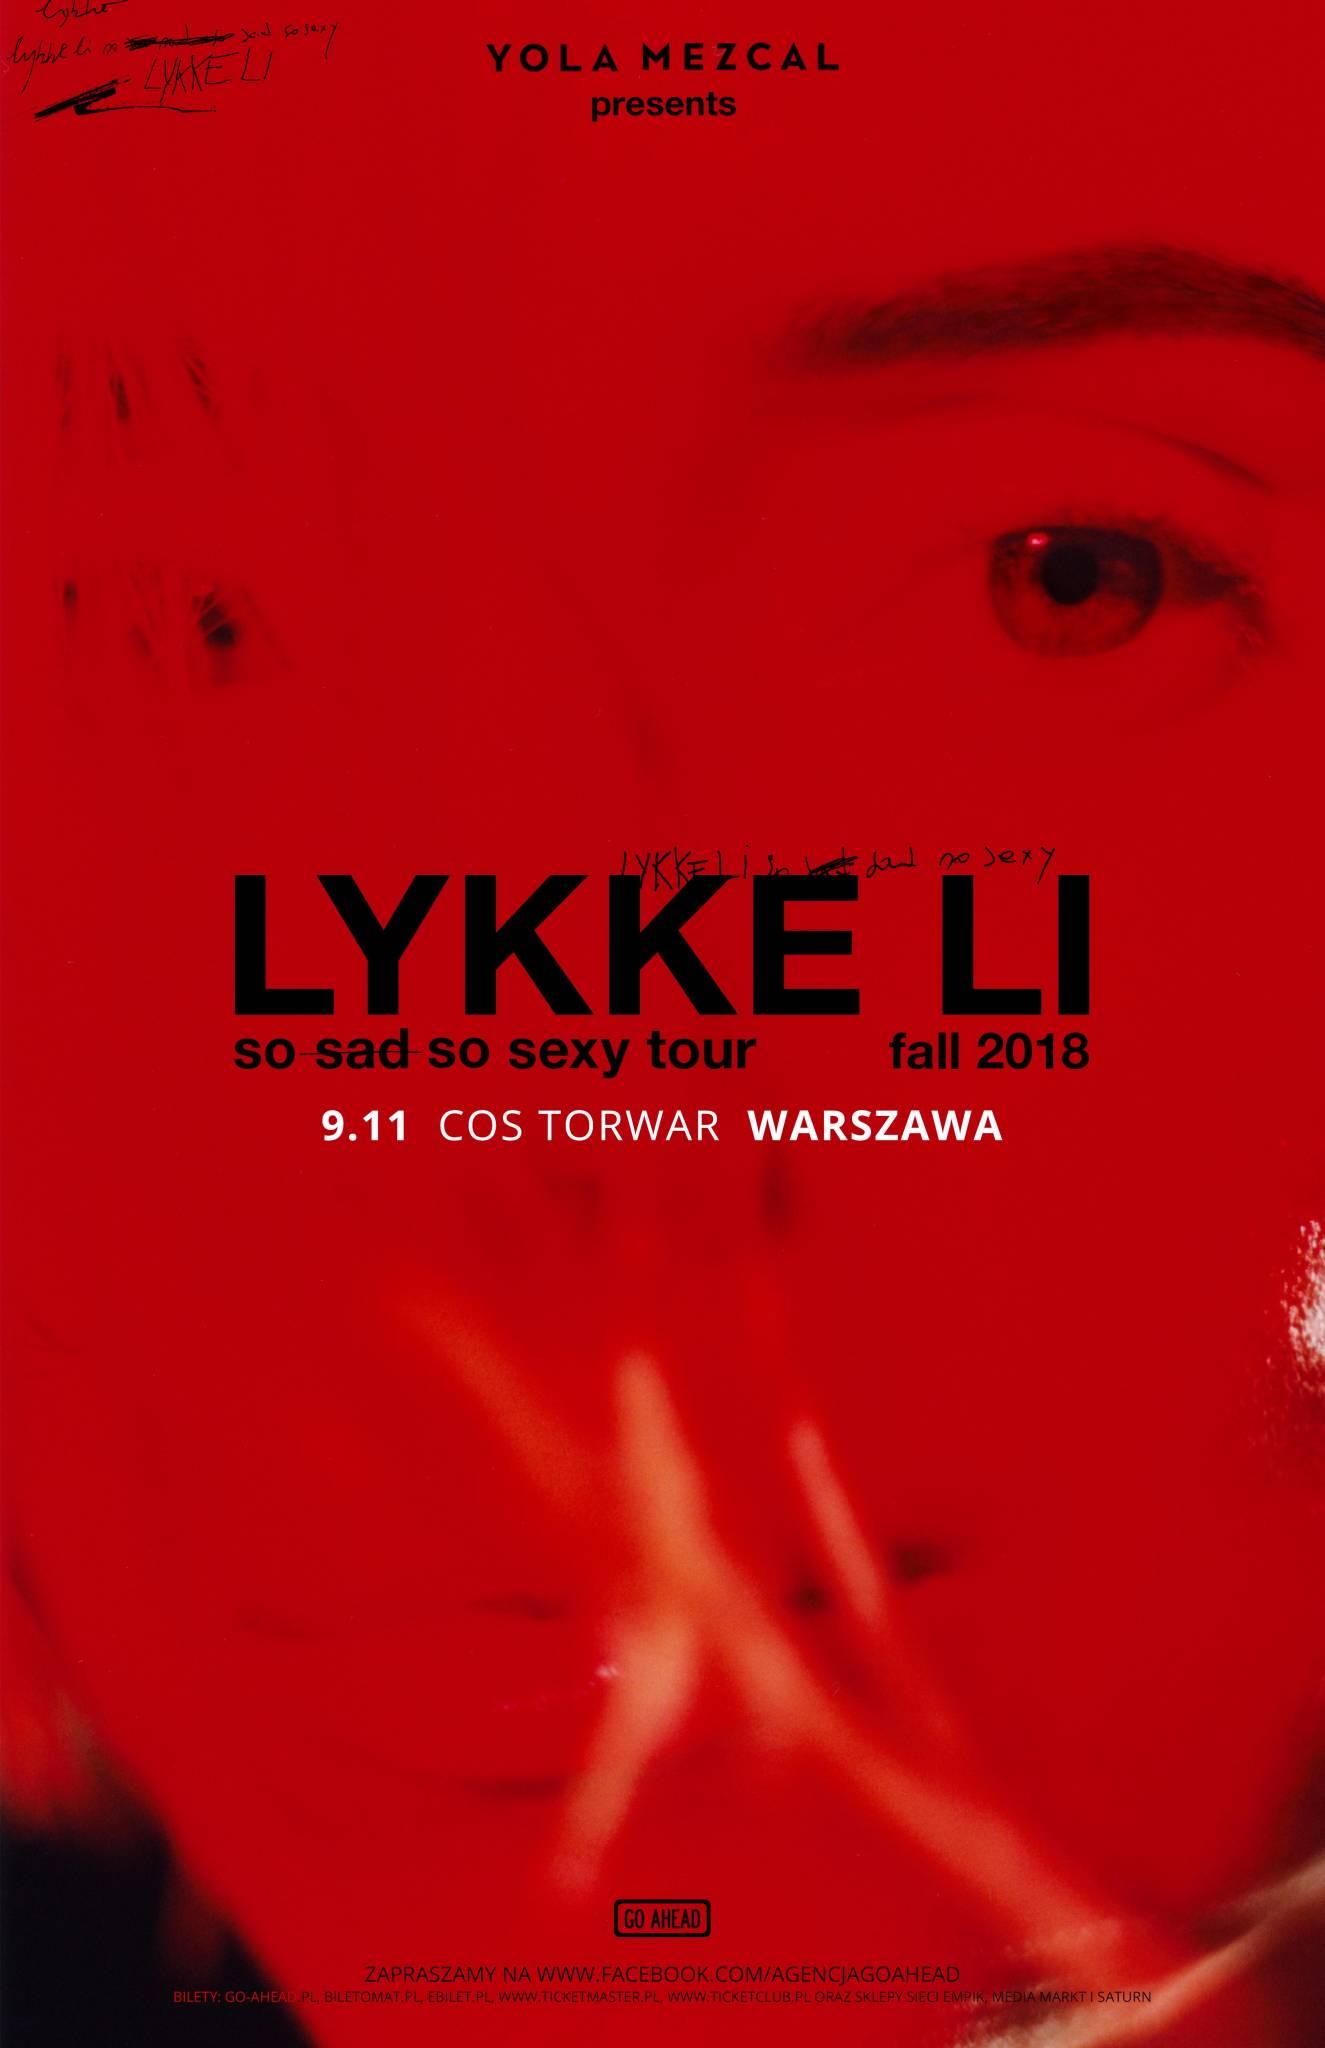 Agencja Go Ahead zaprasza na jedyny w Polsce koncert Lykke Li! Artystka zagra 9 listopada na warszawskim Torwarze!